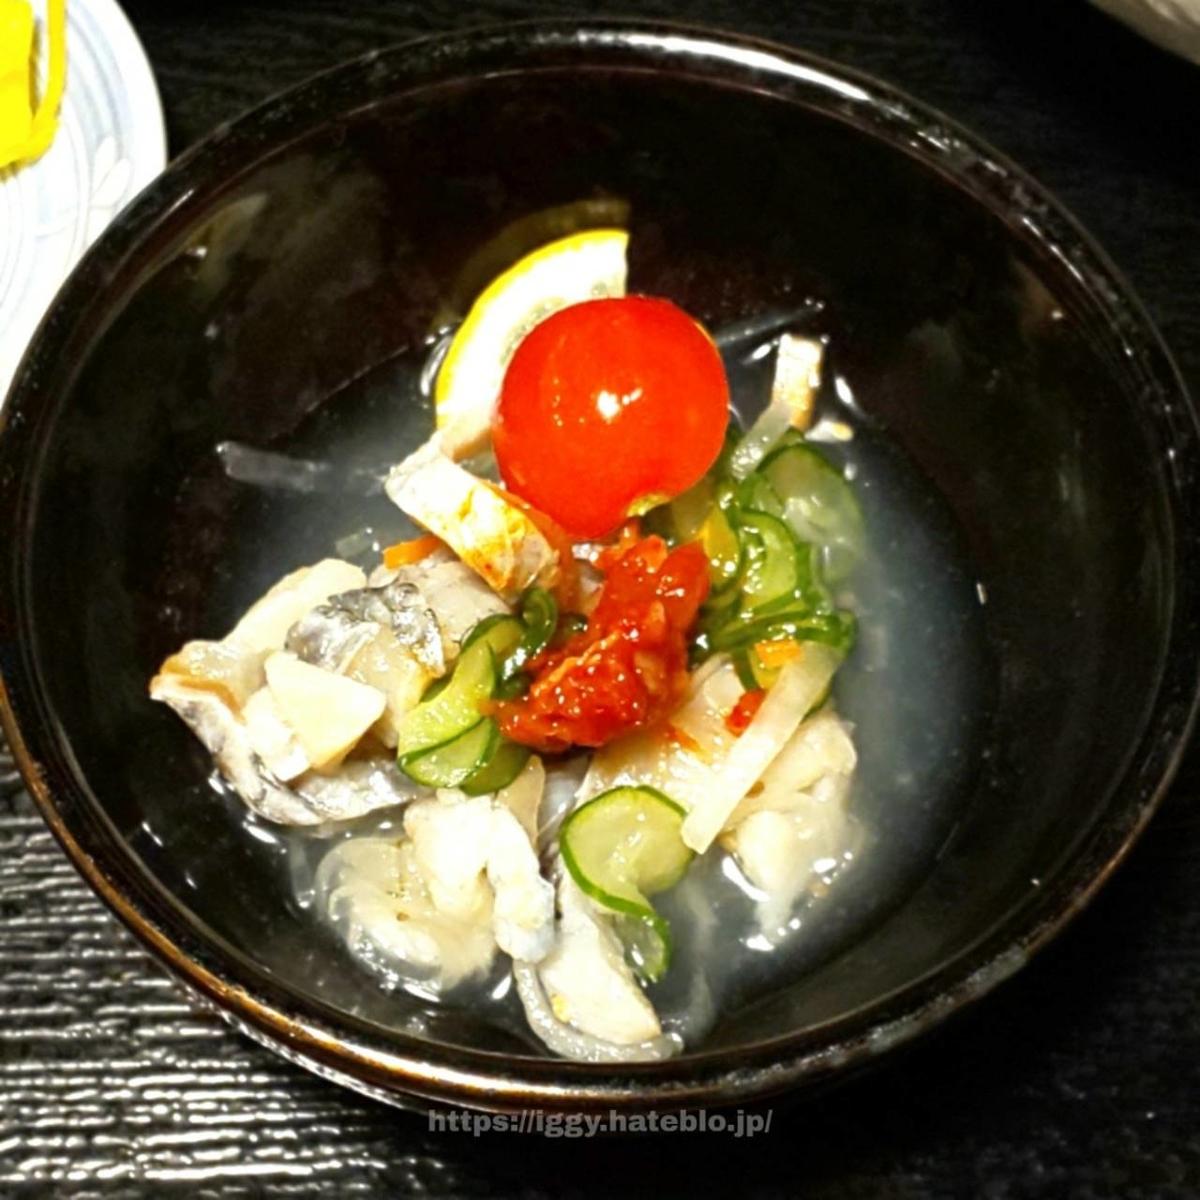 博多魚がし酢の物 iggy2019